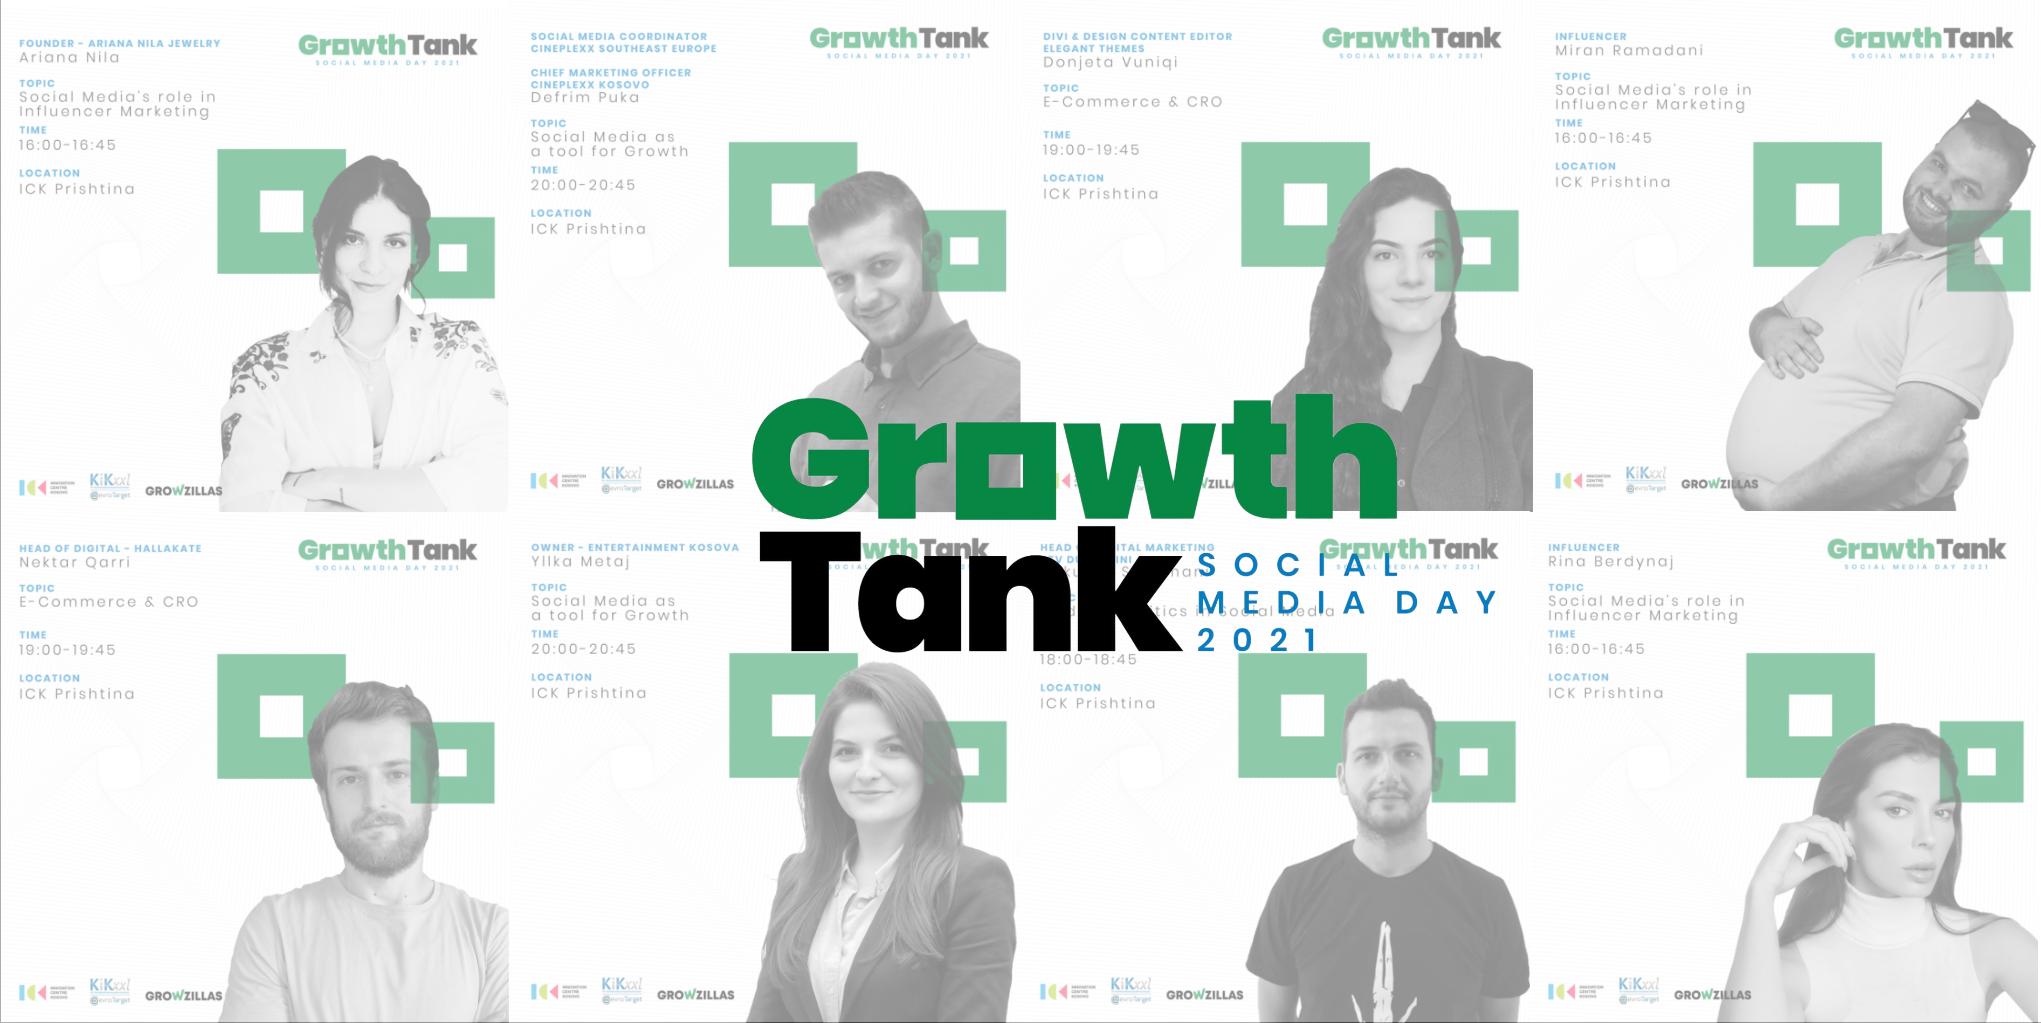 Growth Tank – Ngjarja e vitit për Marketing Digjital dhe Rrjete Sociale